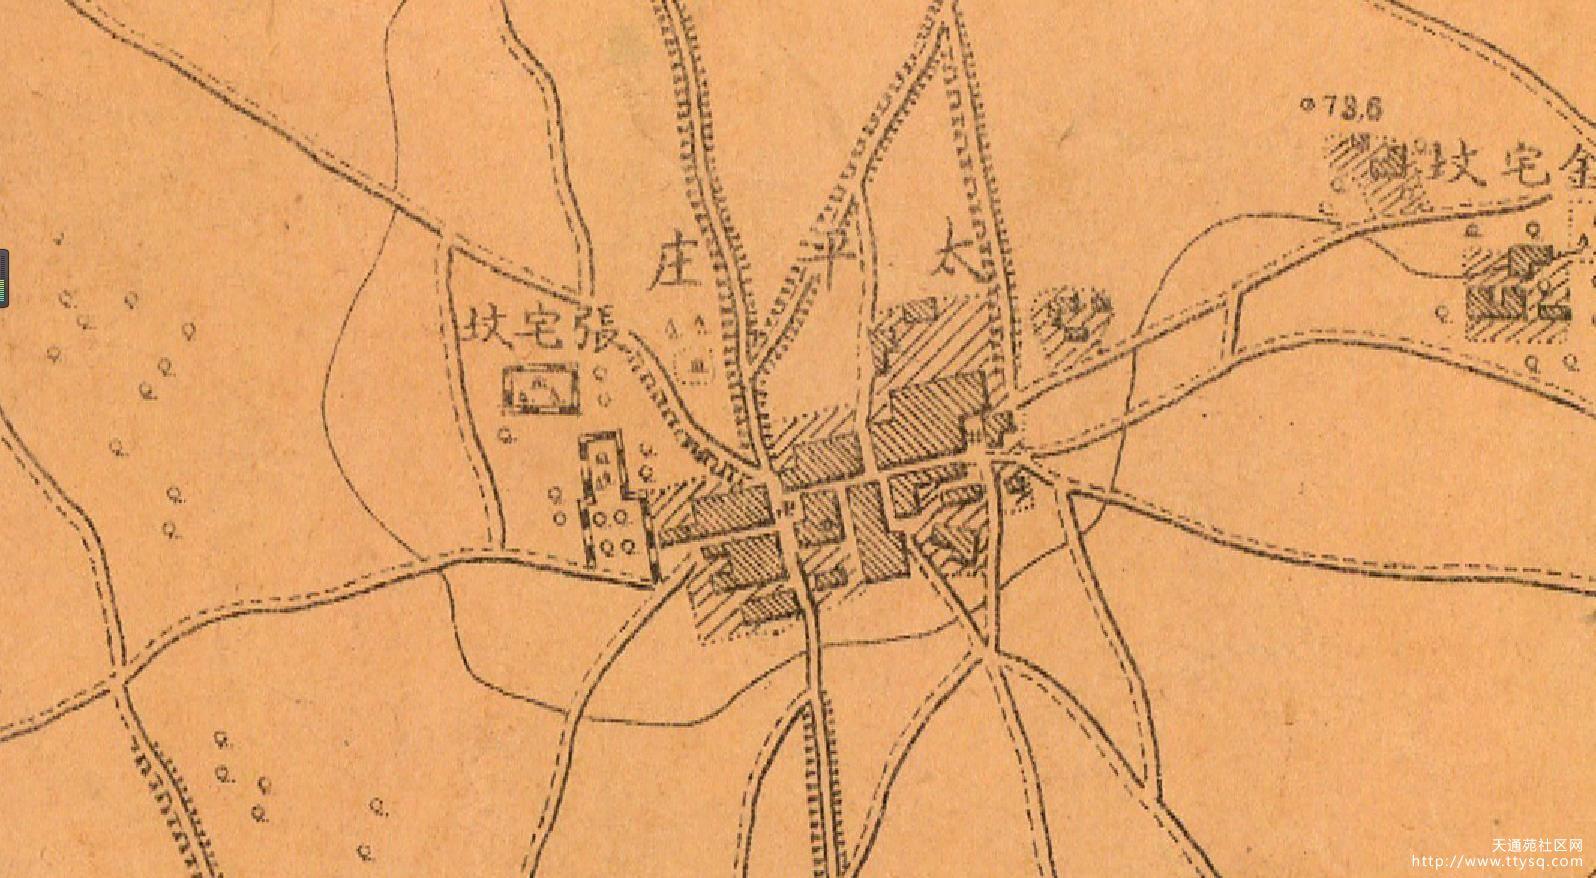 来,来,来,太平庄的村民,对着这张图找找你们家1913年的位置。